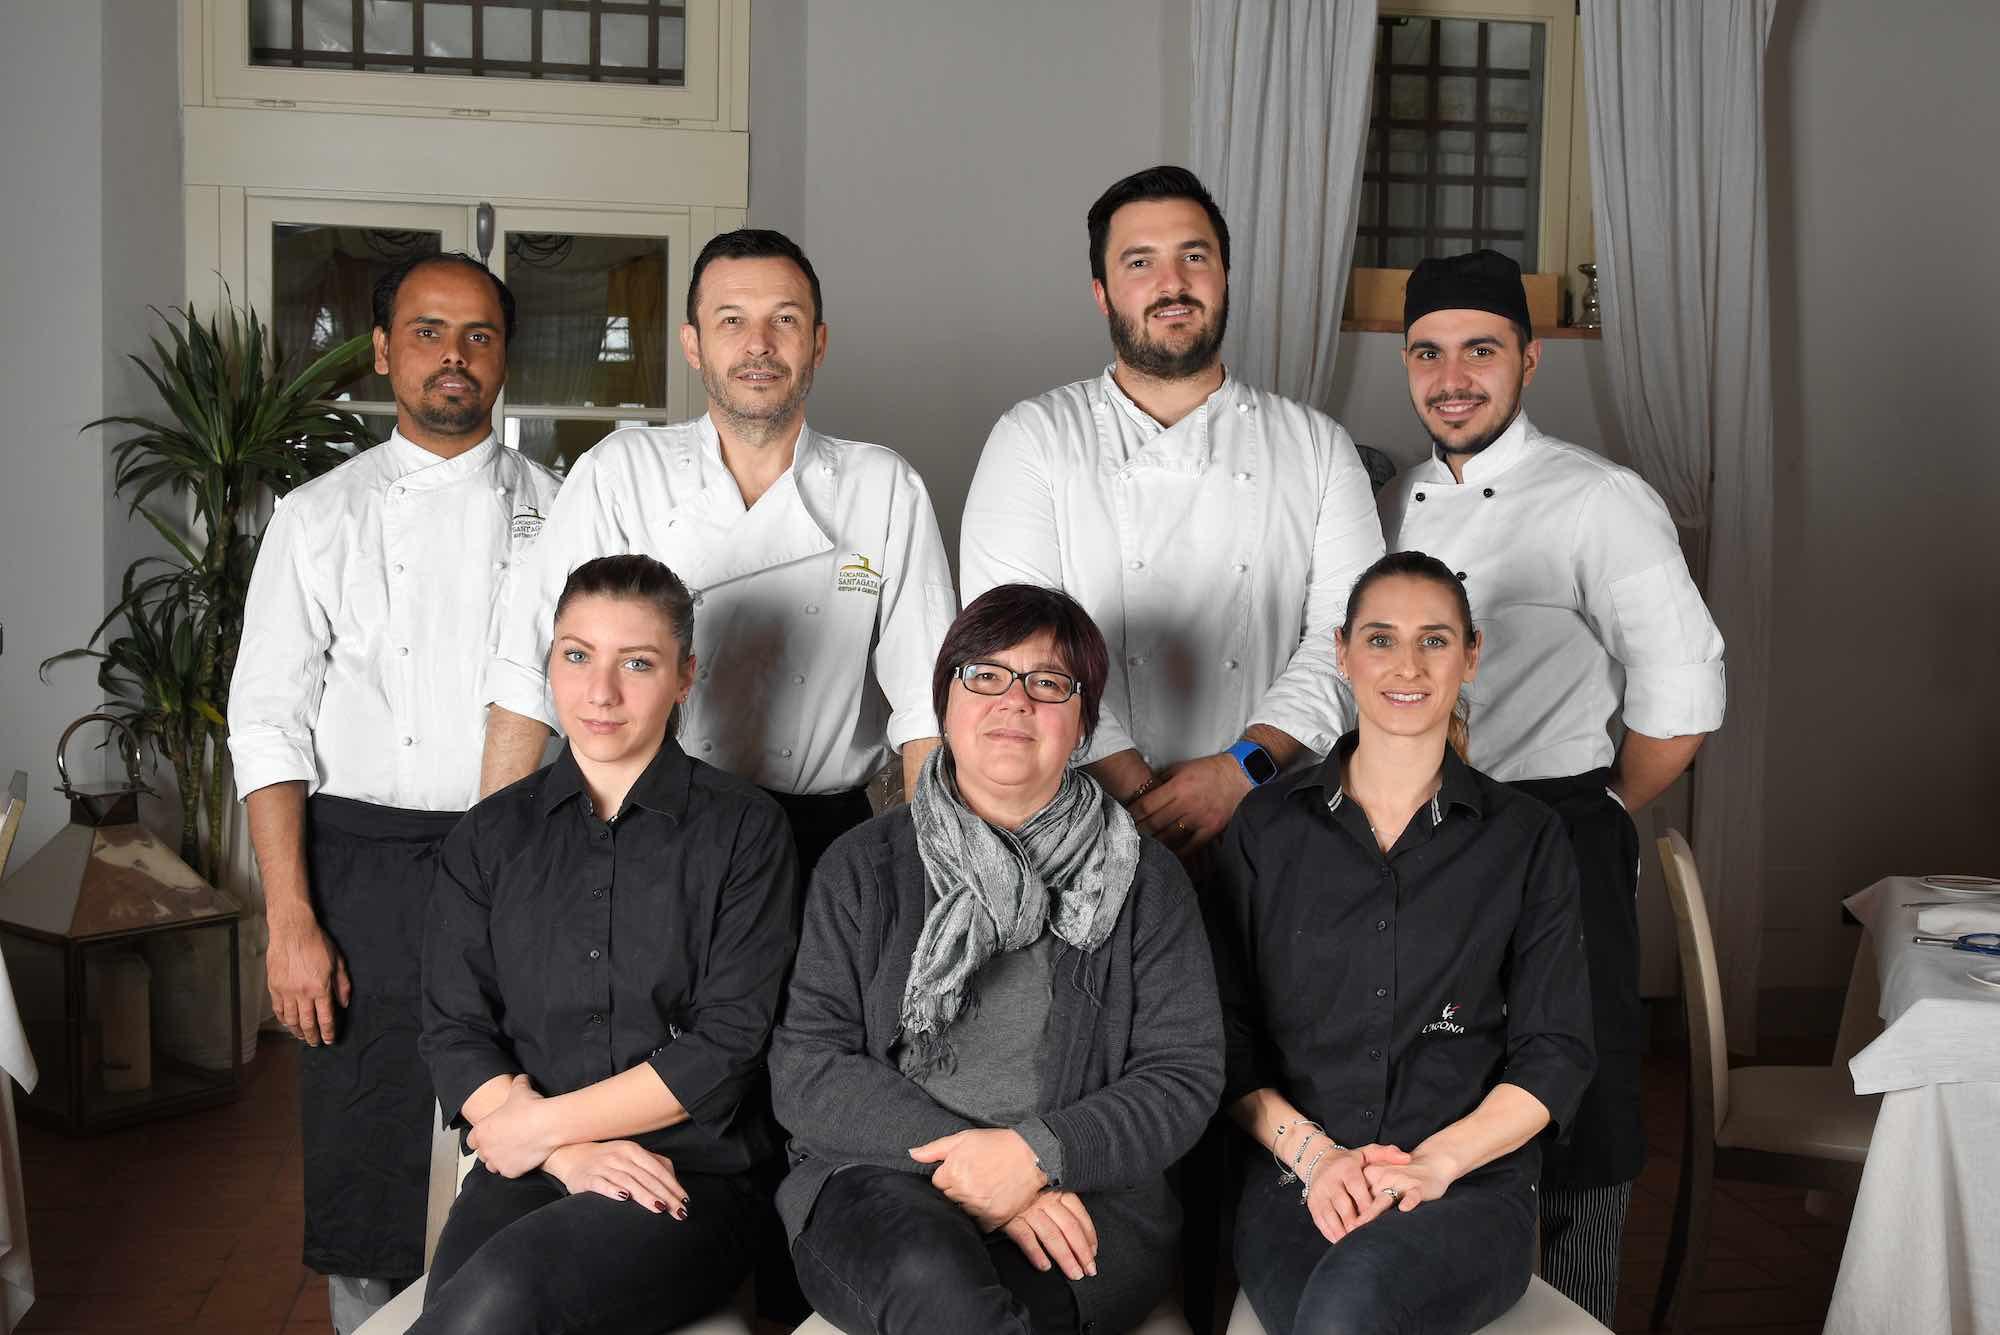 Chef Nicola Micheletti e team della Locanda Sant'Agata a San Giuliano Terme, in Toscana